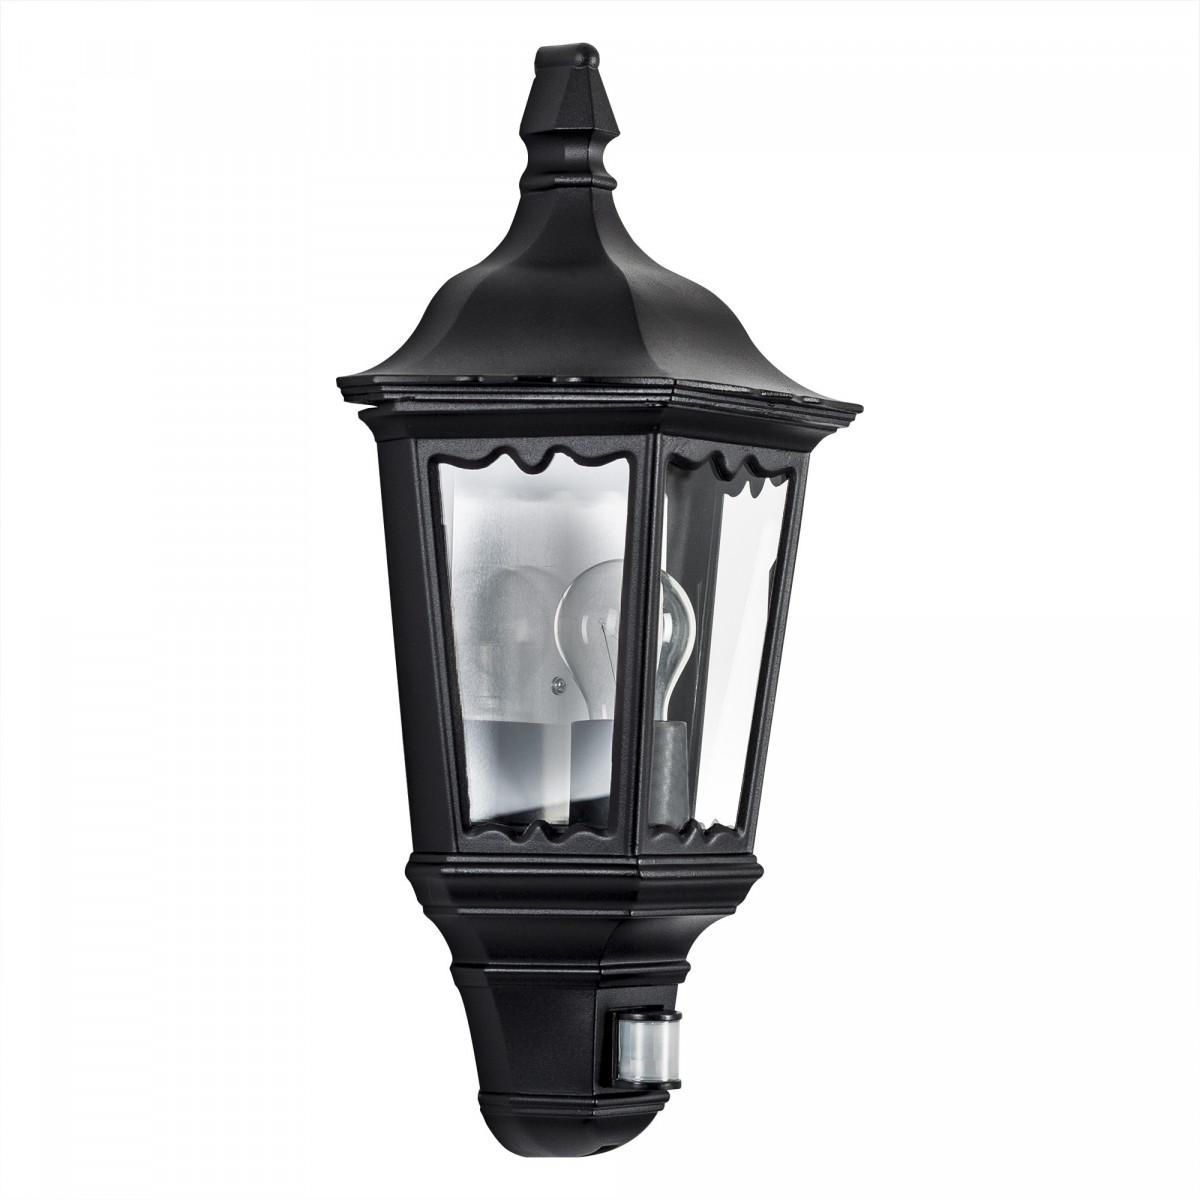 buitenlamp met sensor - nostalux buitenlamp met sensor - Ancona wandlamp inclusief bewegingsmelder